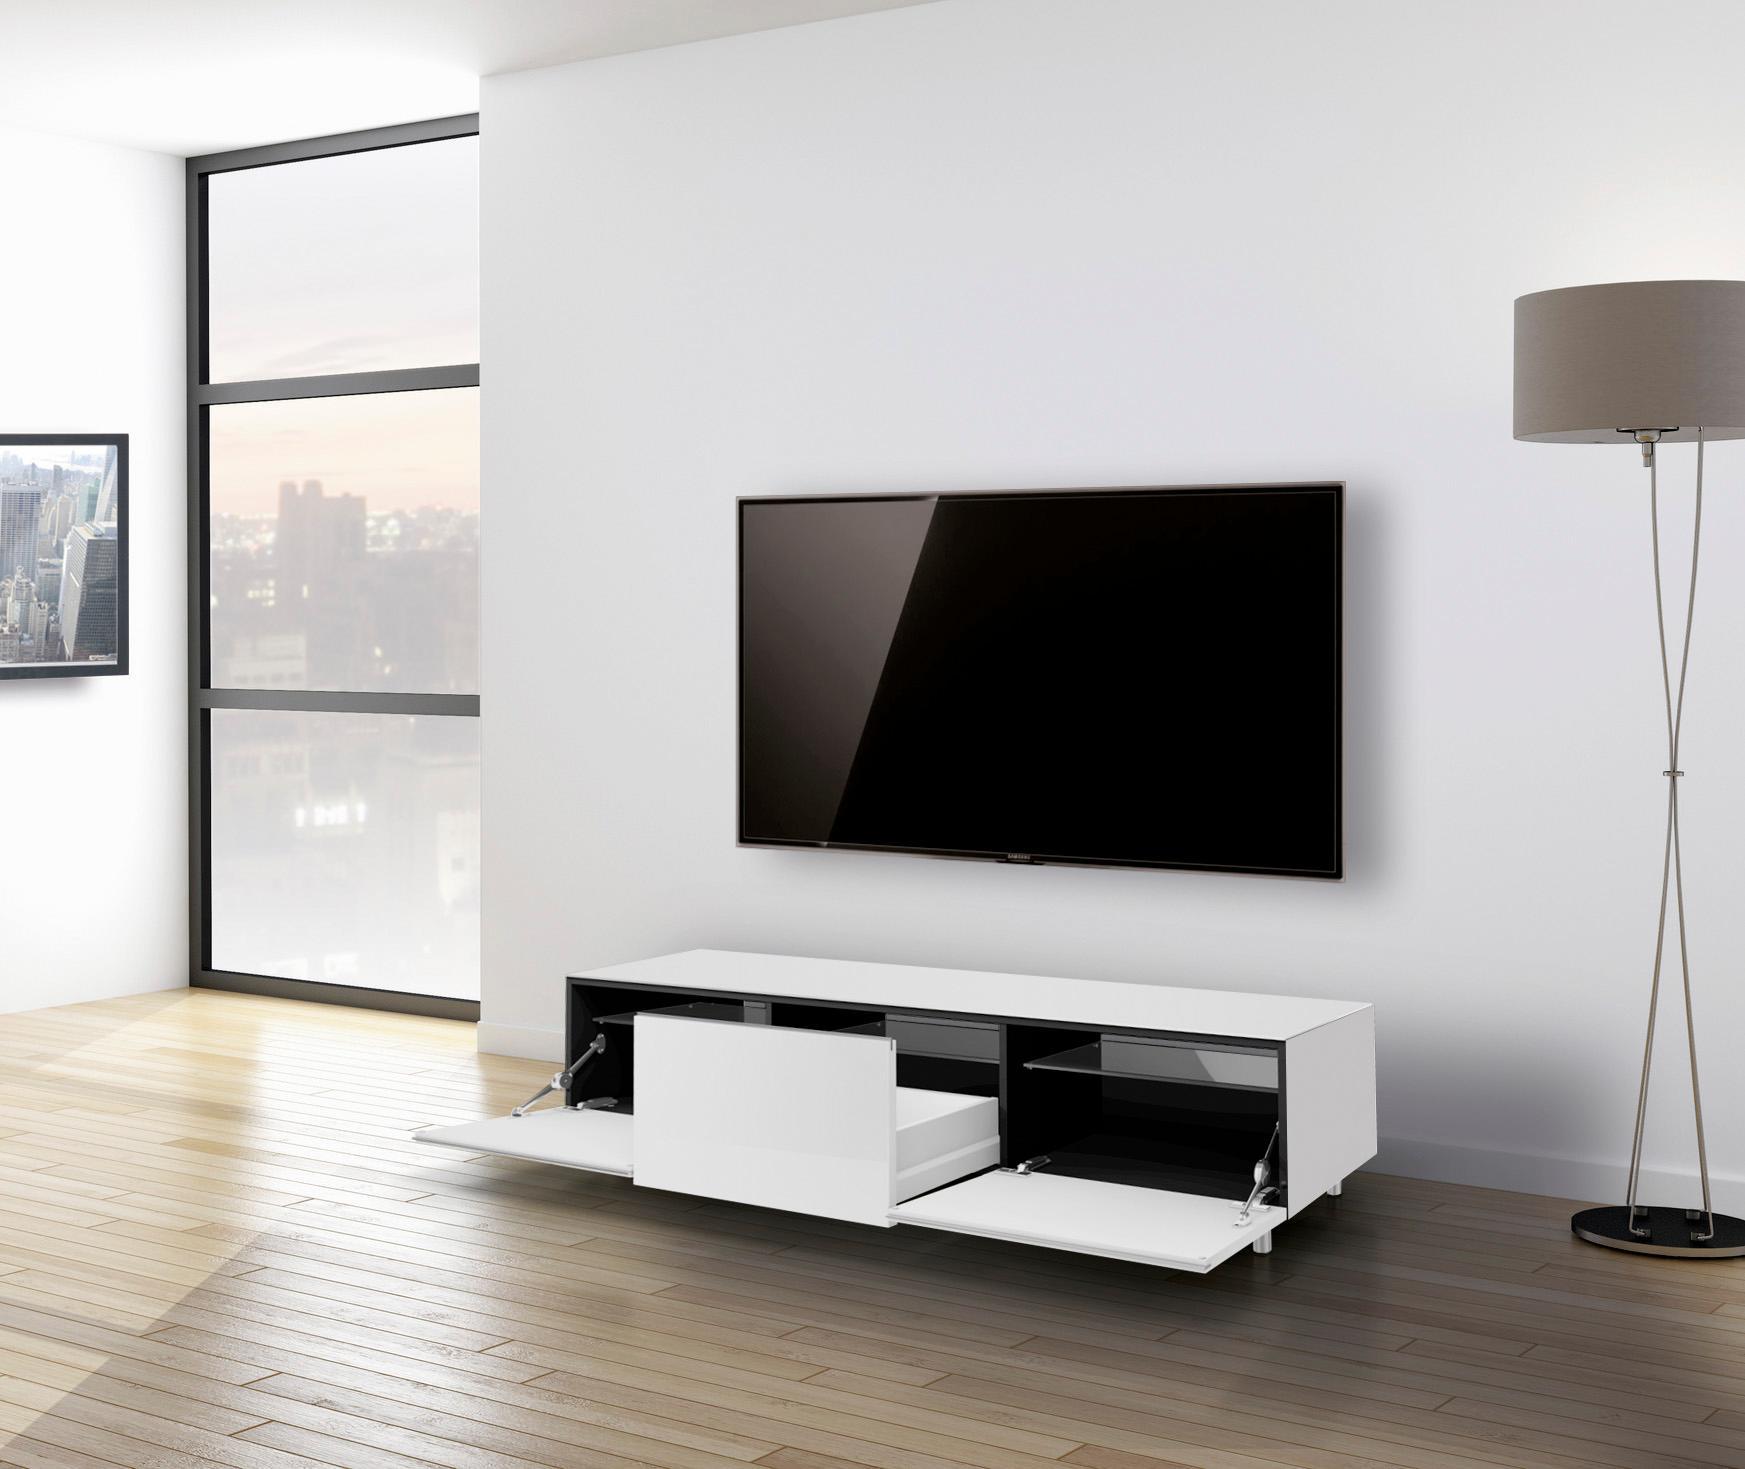 bildquelle spectral tv lowboard just racks jrl1650s mit 2 klappen un 1 schublade breite 164 2 cm